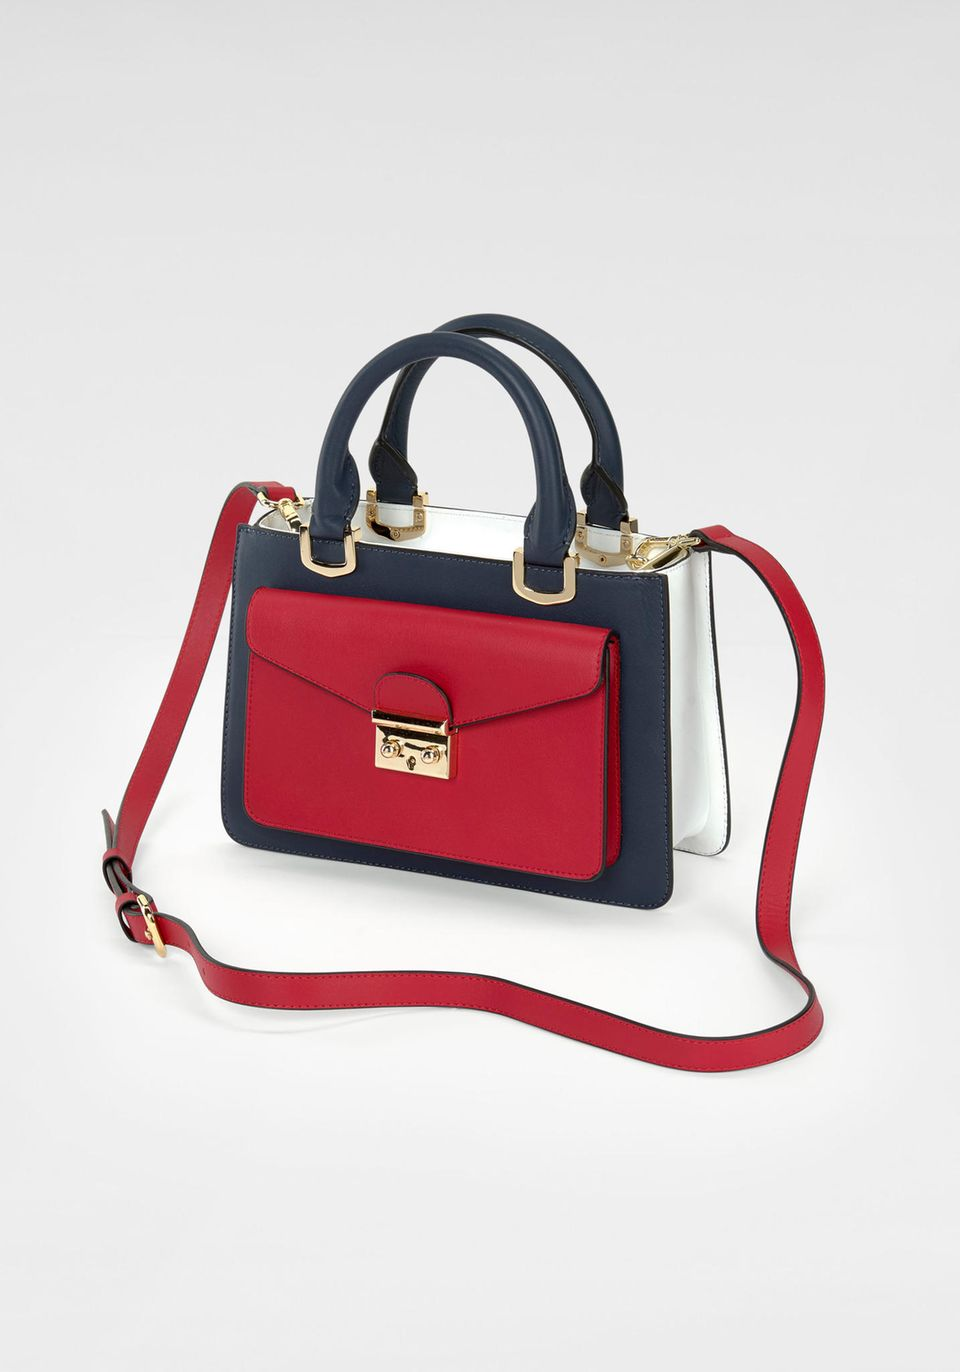 """Handtasche aus der Fashion Kollektion """"Rue du Coeur"""" von Guido Maria Kretschmer presented by OTTO."""